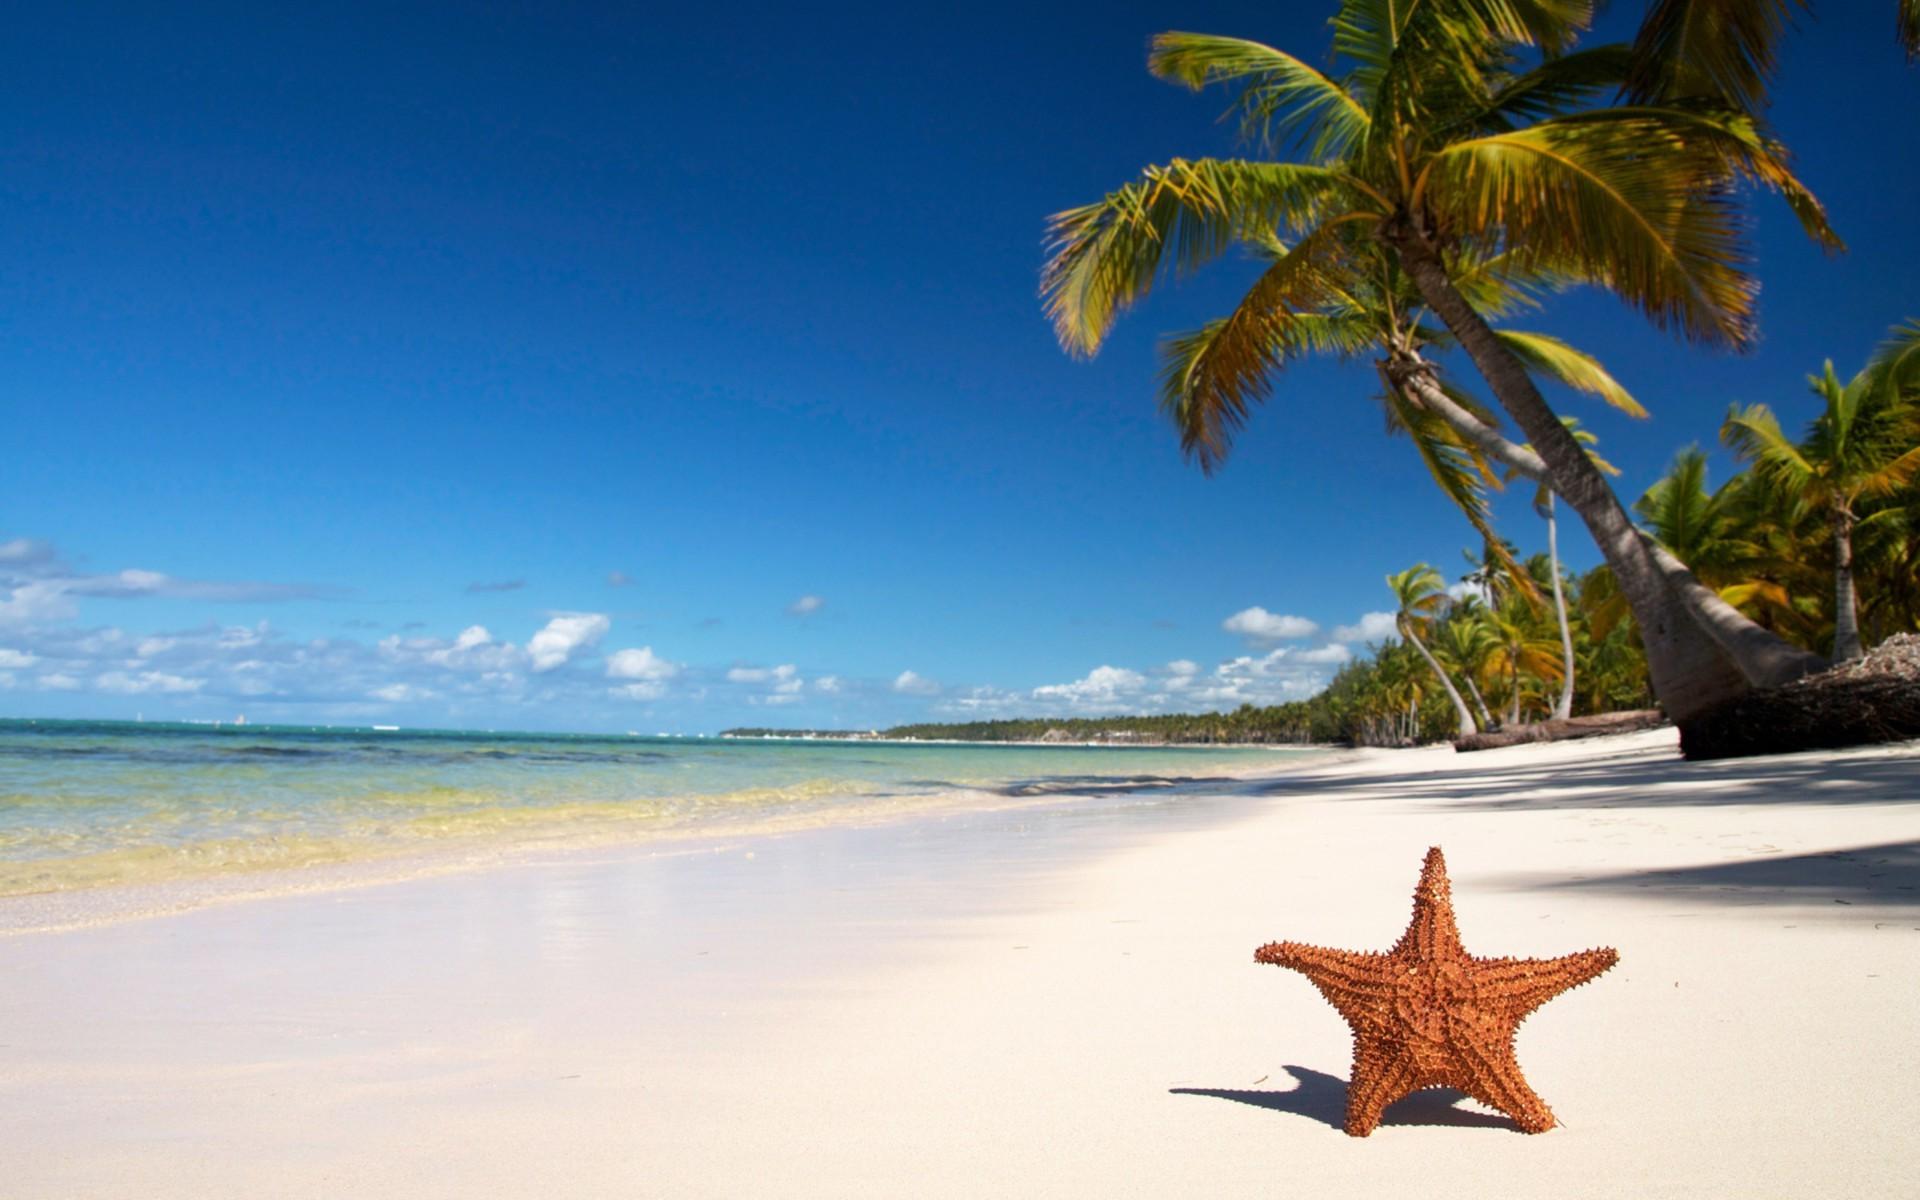 Пляж с пальмами очень